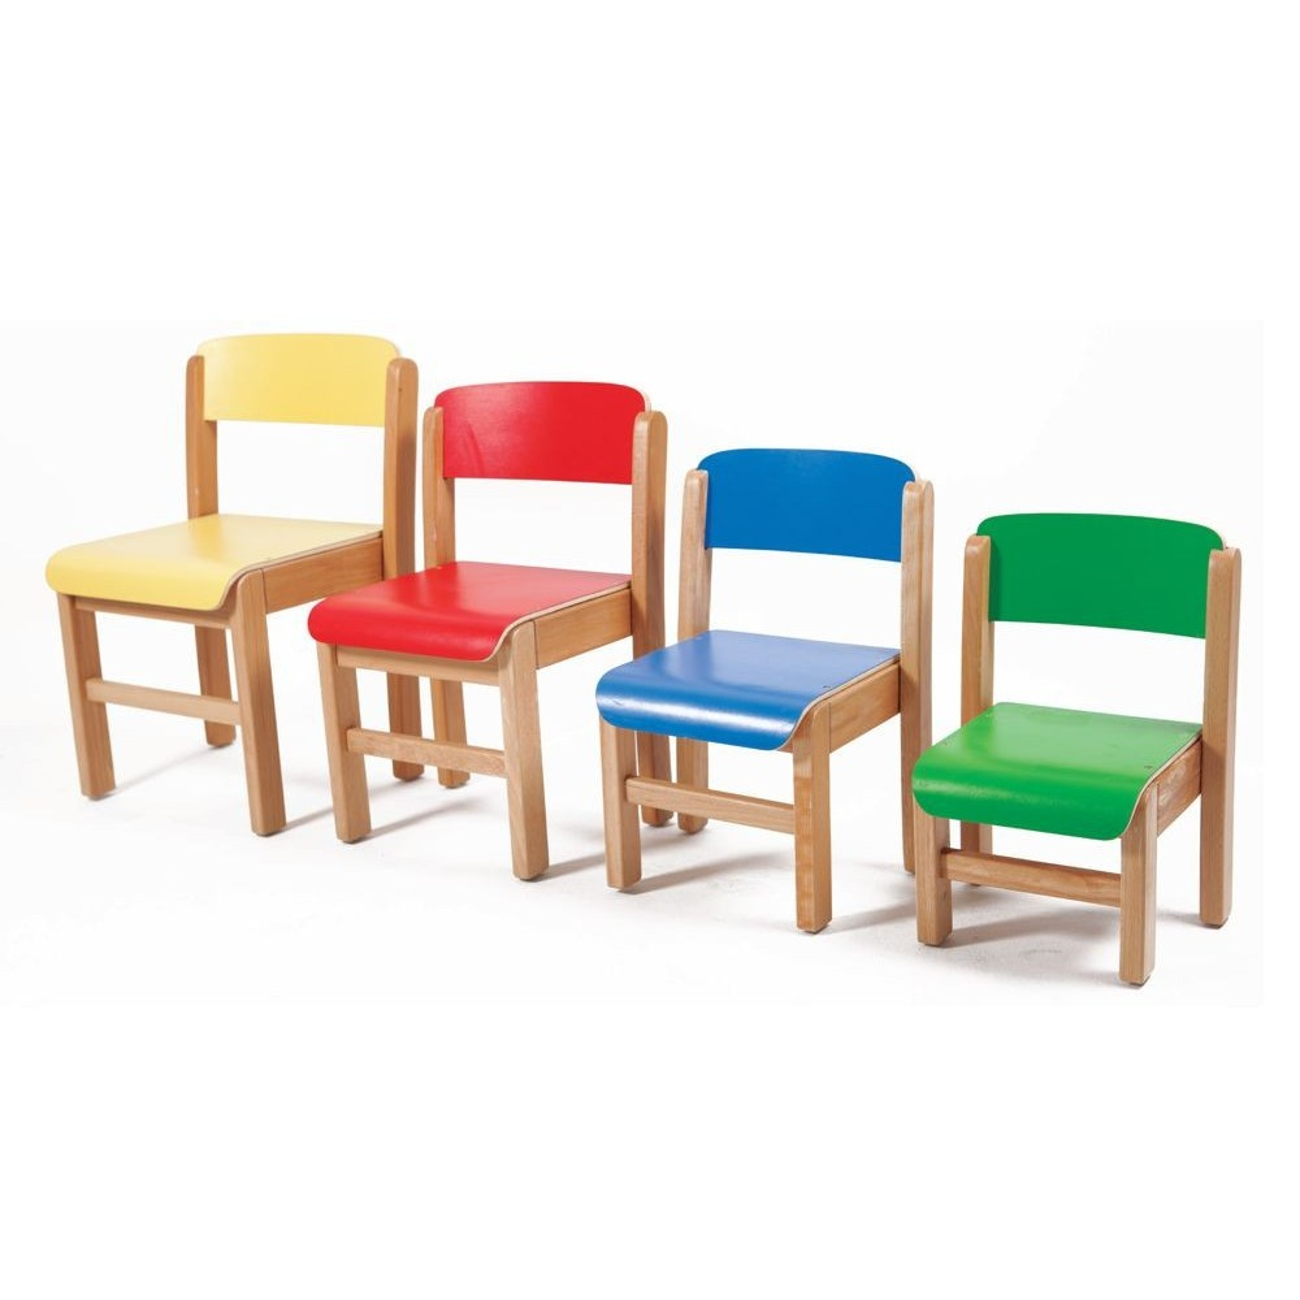 Sillas 4 alturas 5 colores for Sillas madera colores